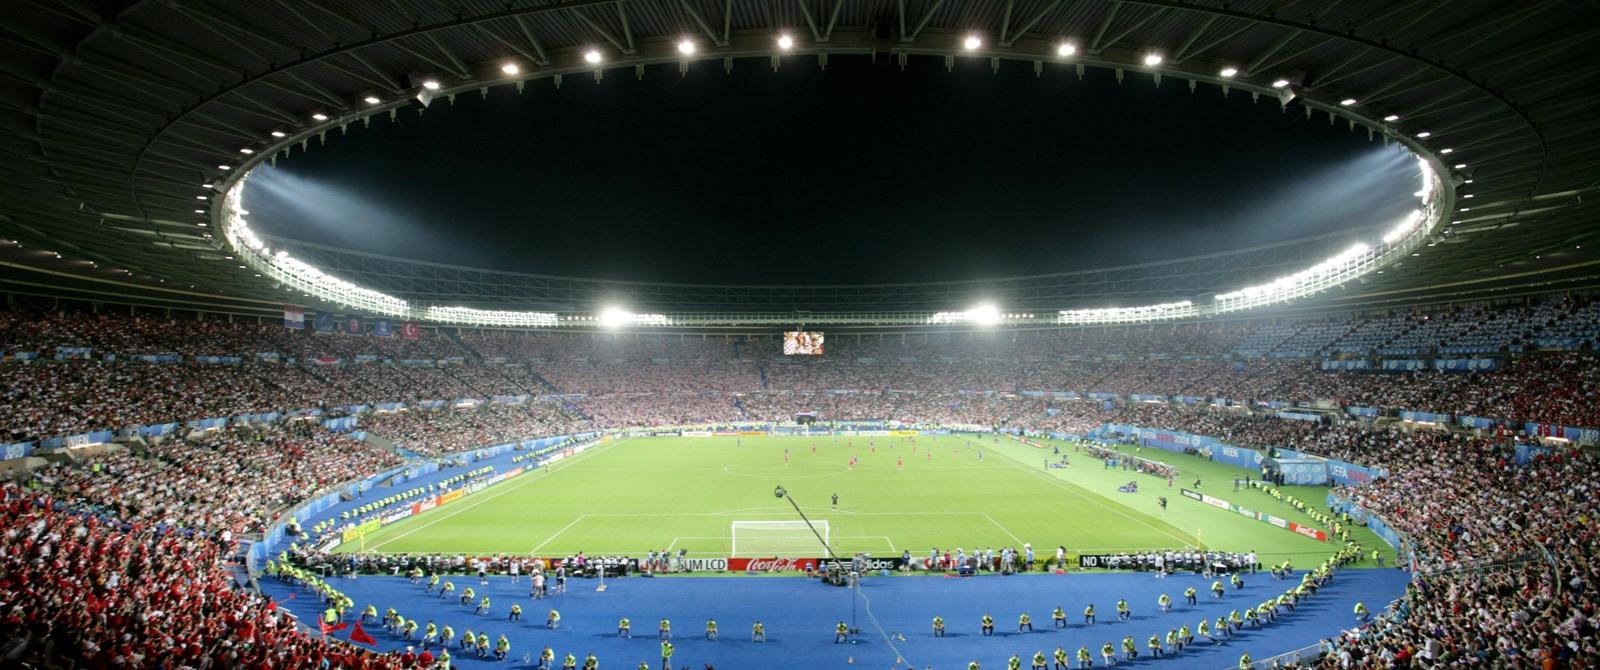 Capaciteit: 53.008